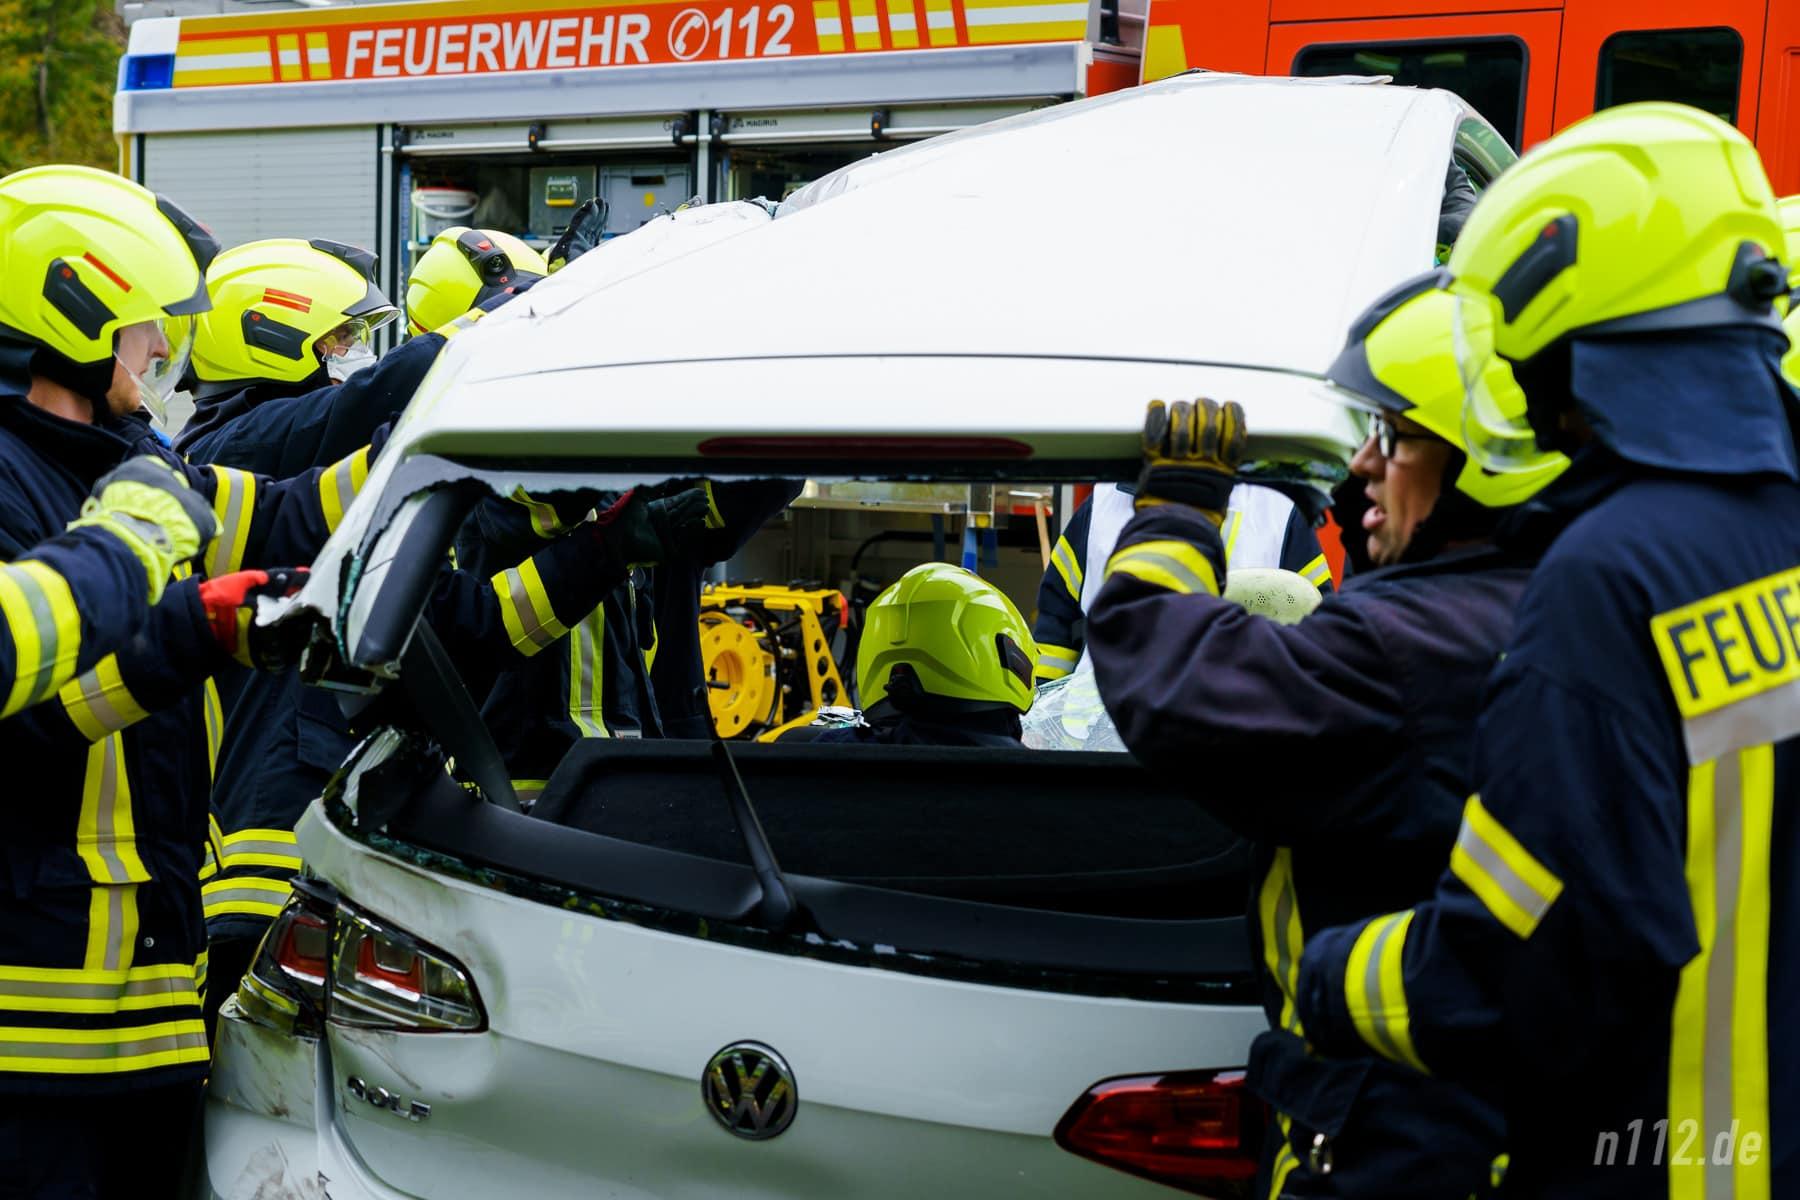 Während der Rettungsarbeiten nah beim Patienten (Foto: n112.de/Stefan Simonsen)